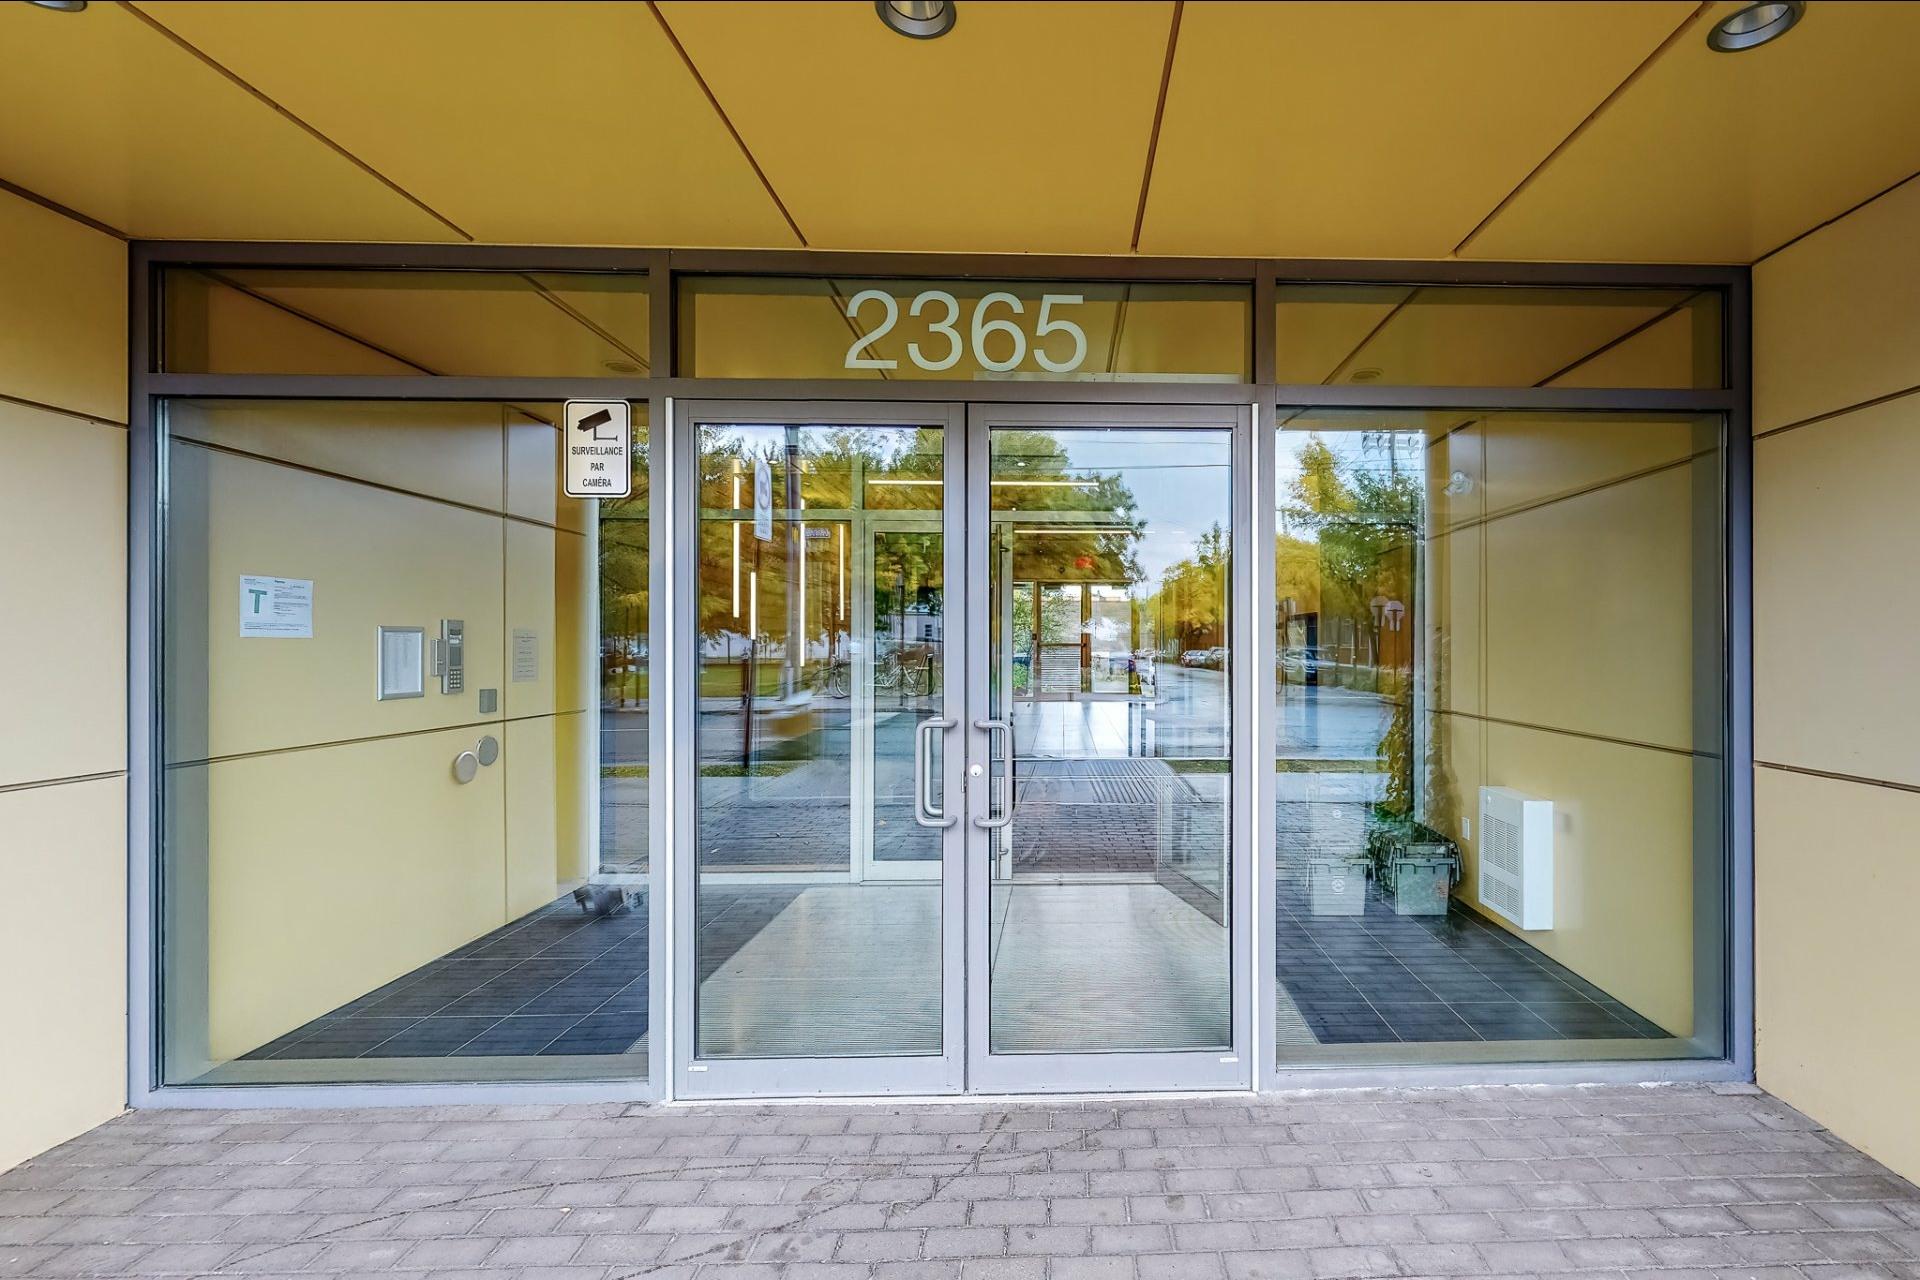 image 15 - Appartement À vendre Rosemont/La Petite-Patrie Montréal  - 3 pièces